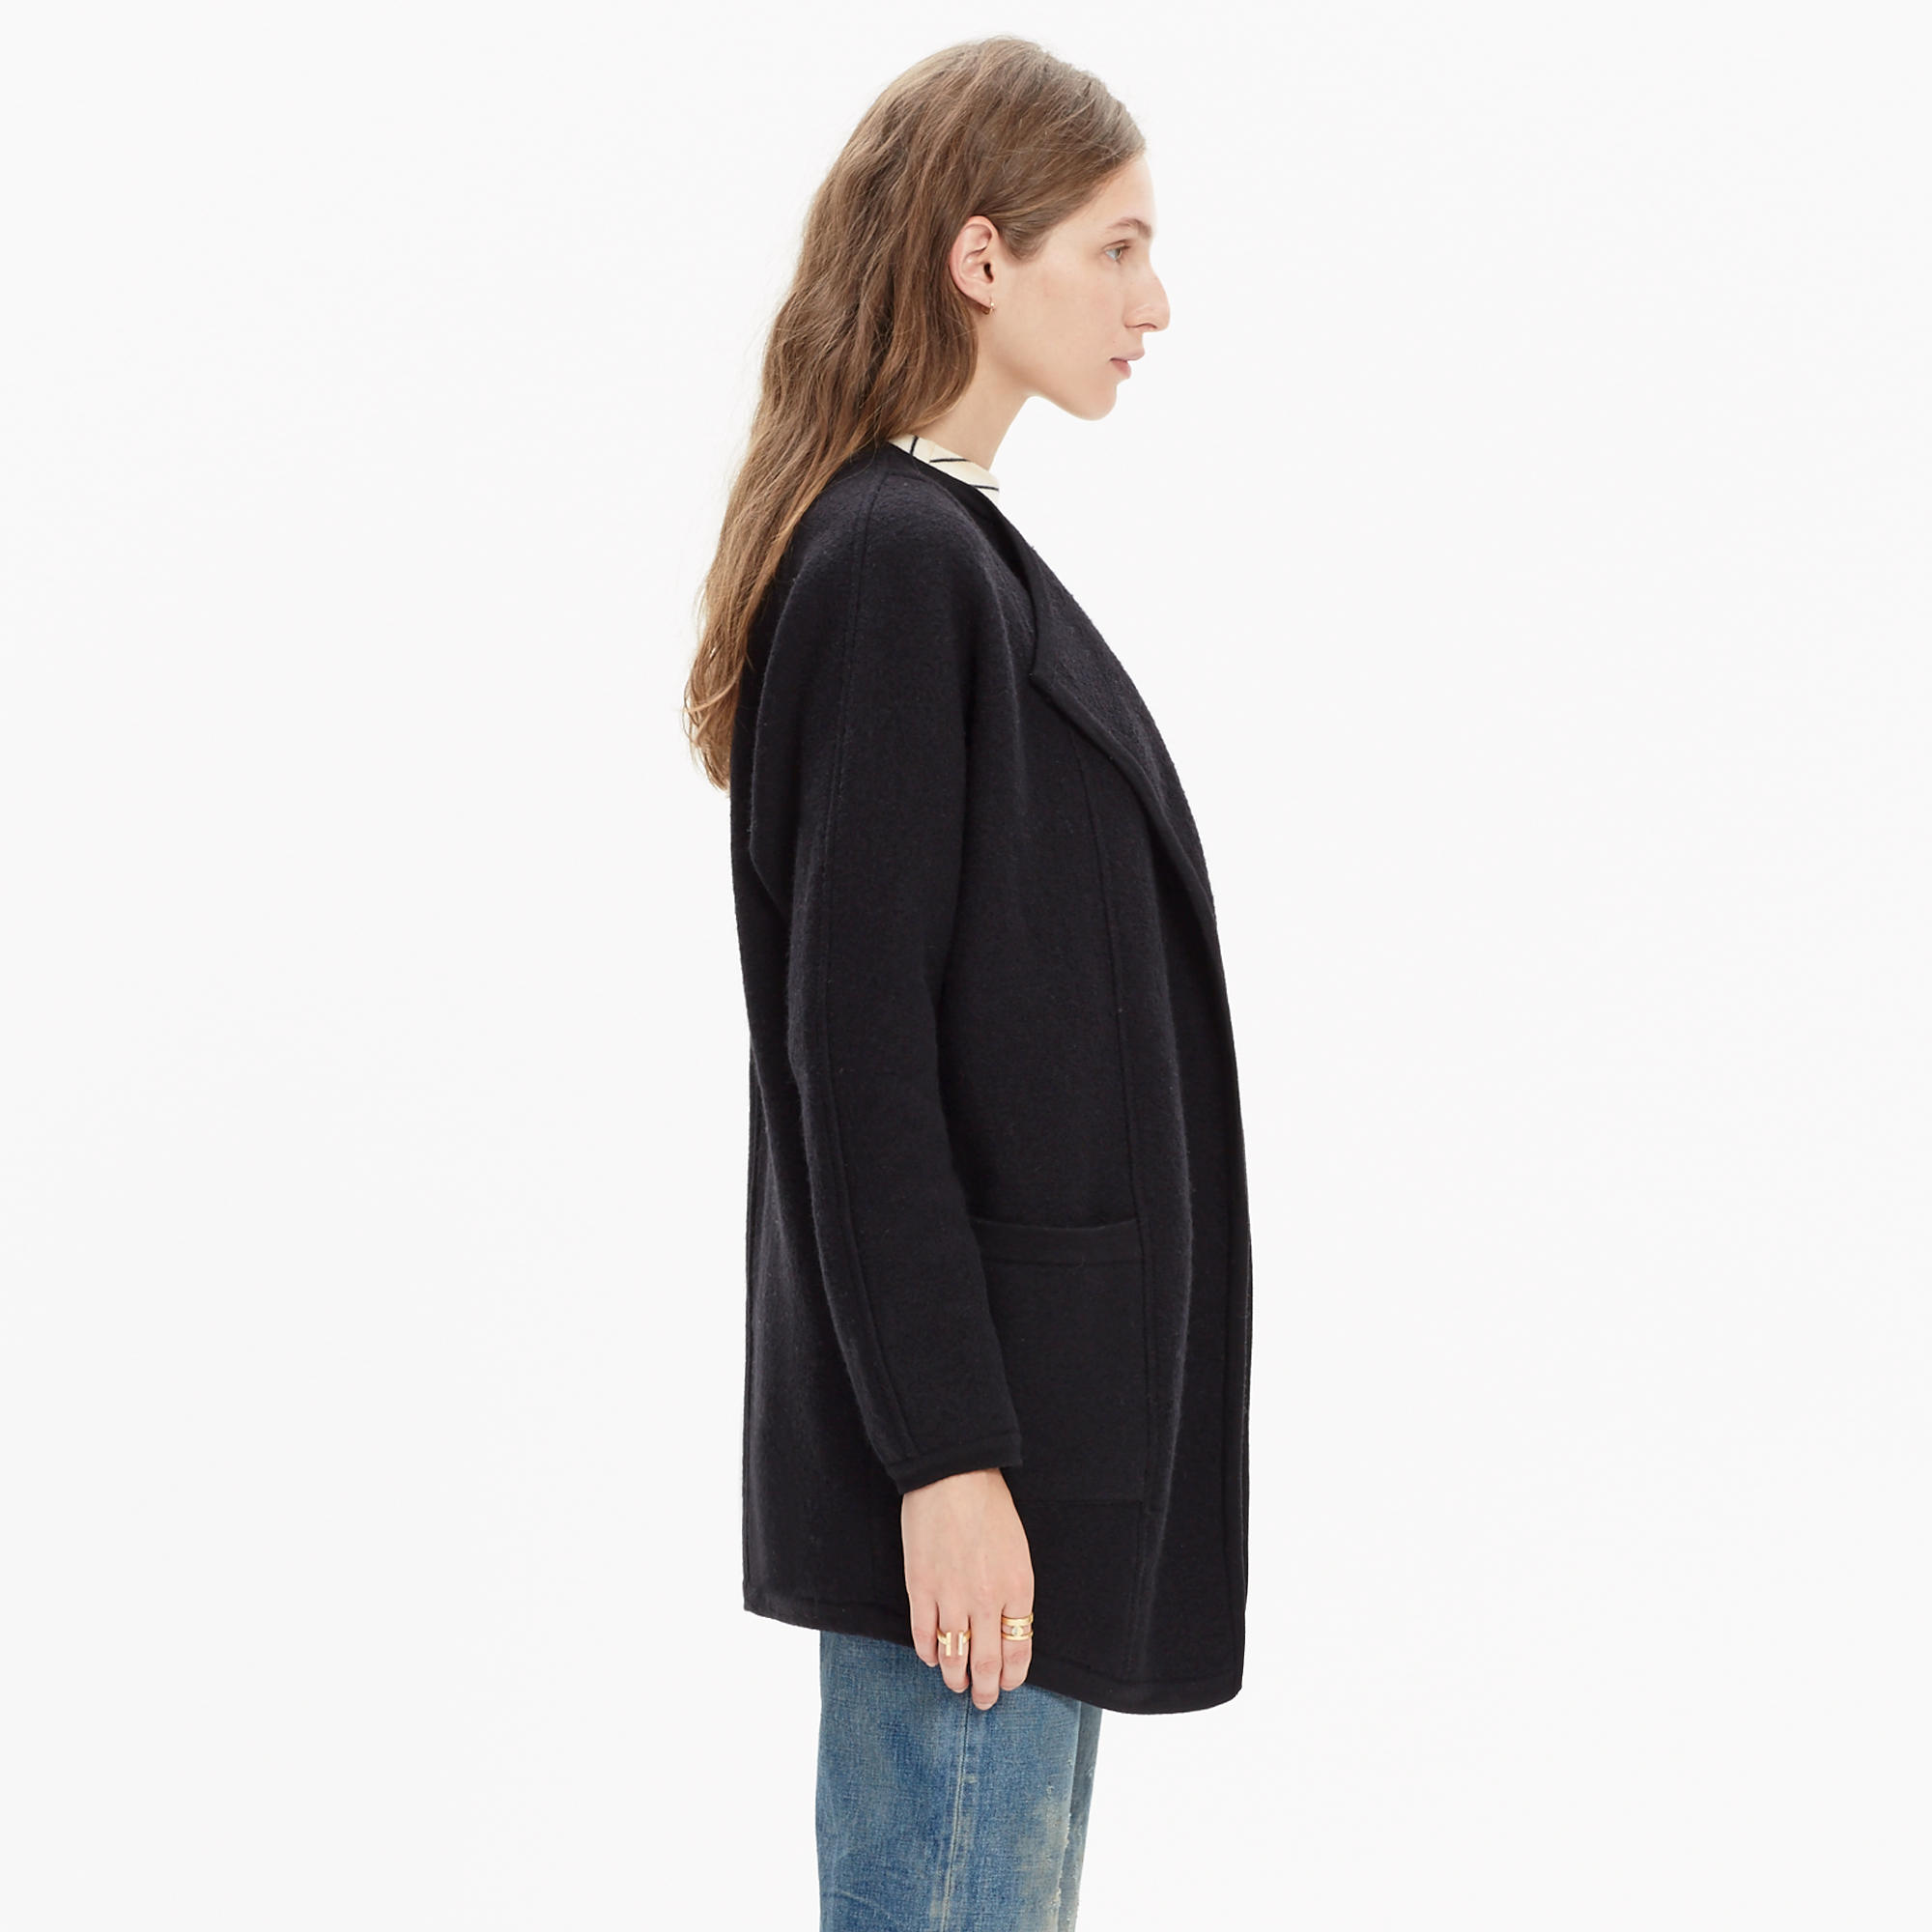 Oversized Sweater-Jacket : cardigans & sweater-jackets | Madewell